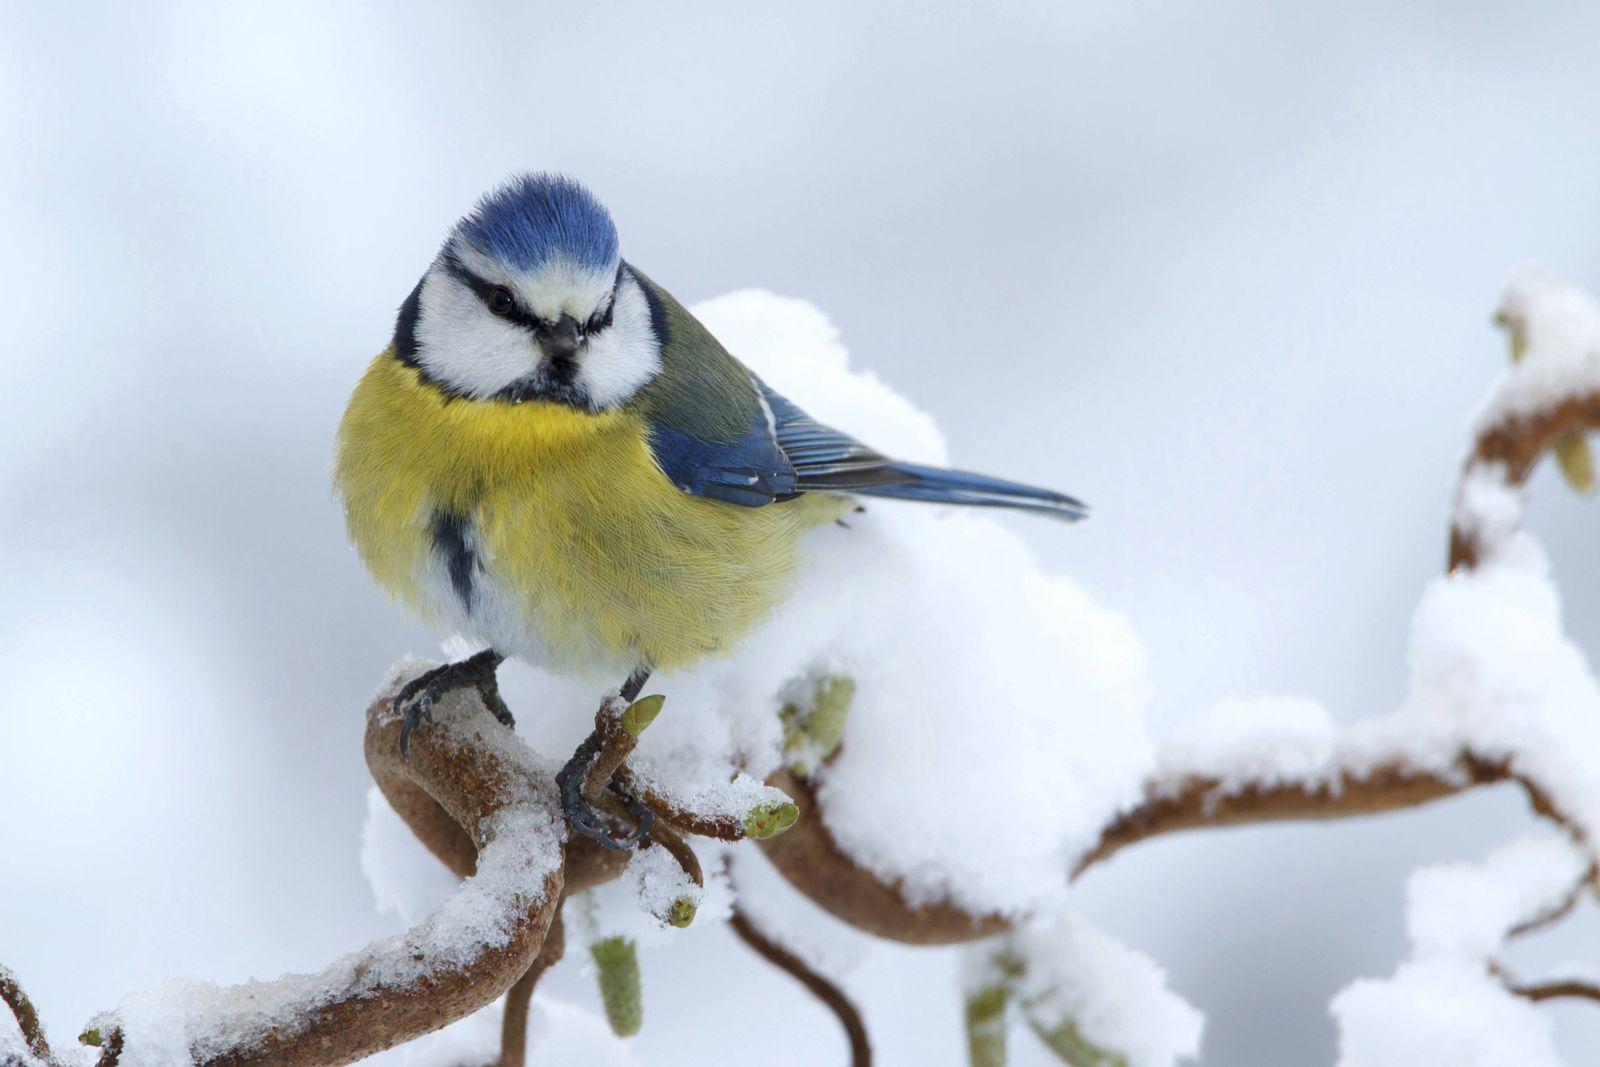 Blue tit sitting on snowy curl hazel Netherlands PUBLICATIONxINxGERxSUIxAUTxONLY Copyright LisztxC